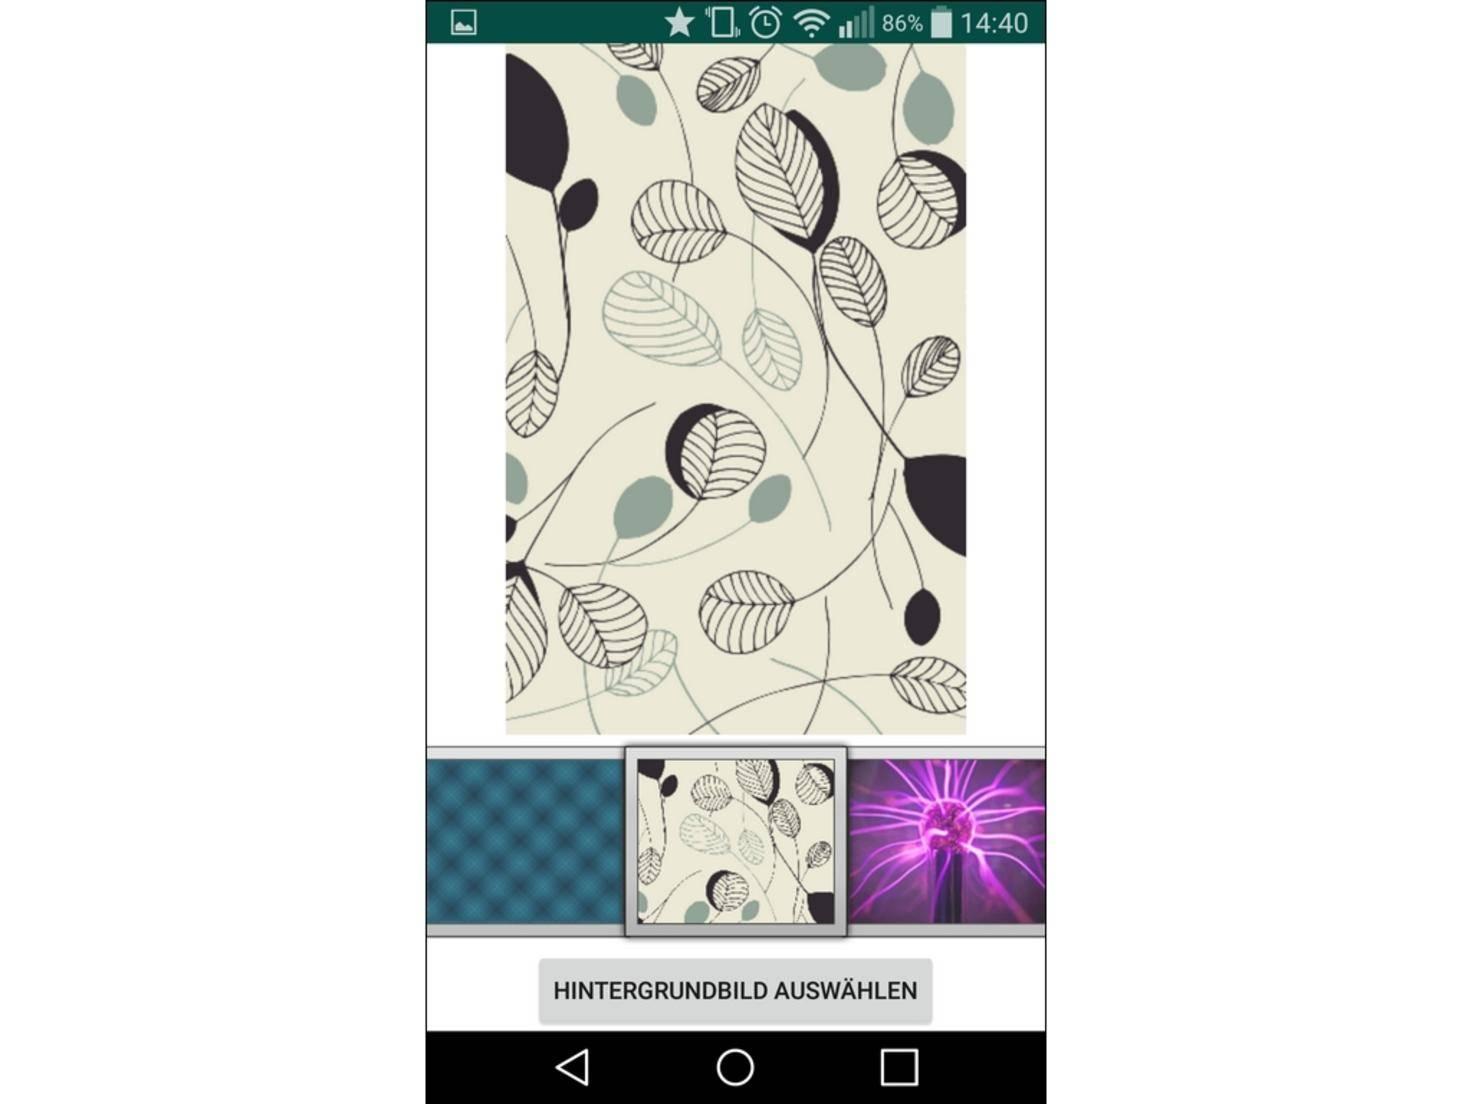 WhatsApp Wallpaper bietet eine ordentliche, aber keine Überragende Auswahl.